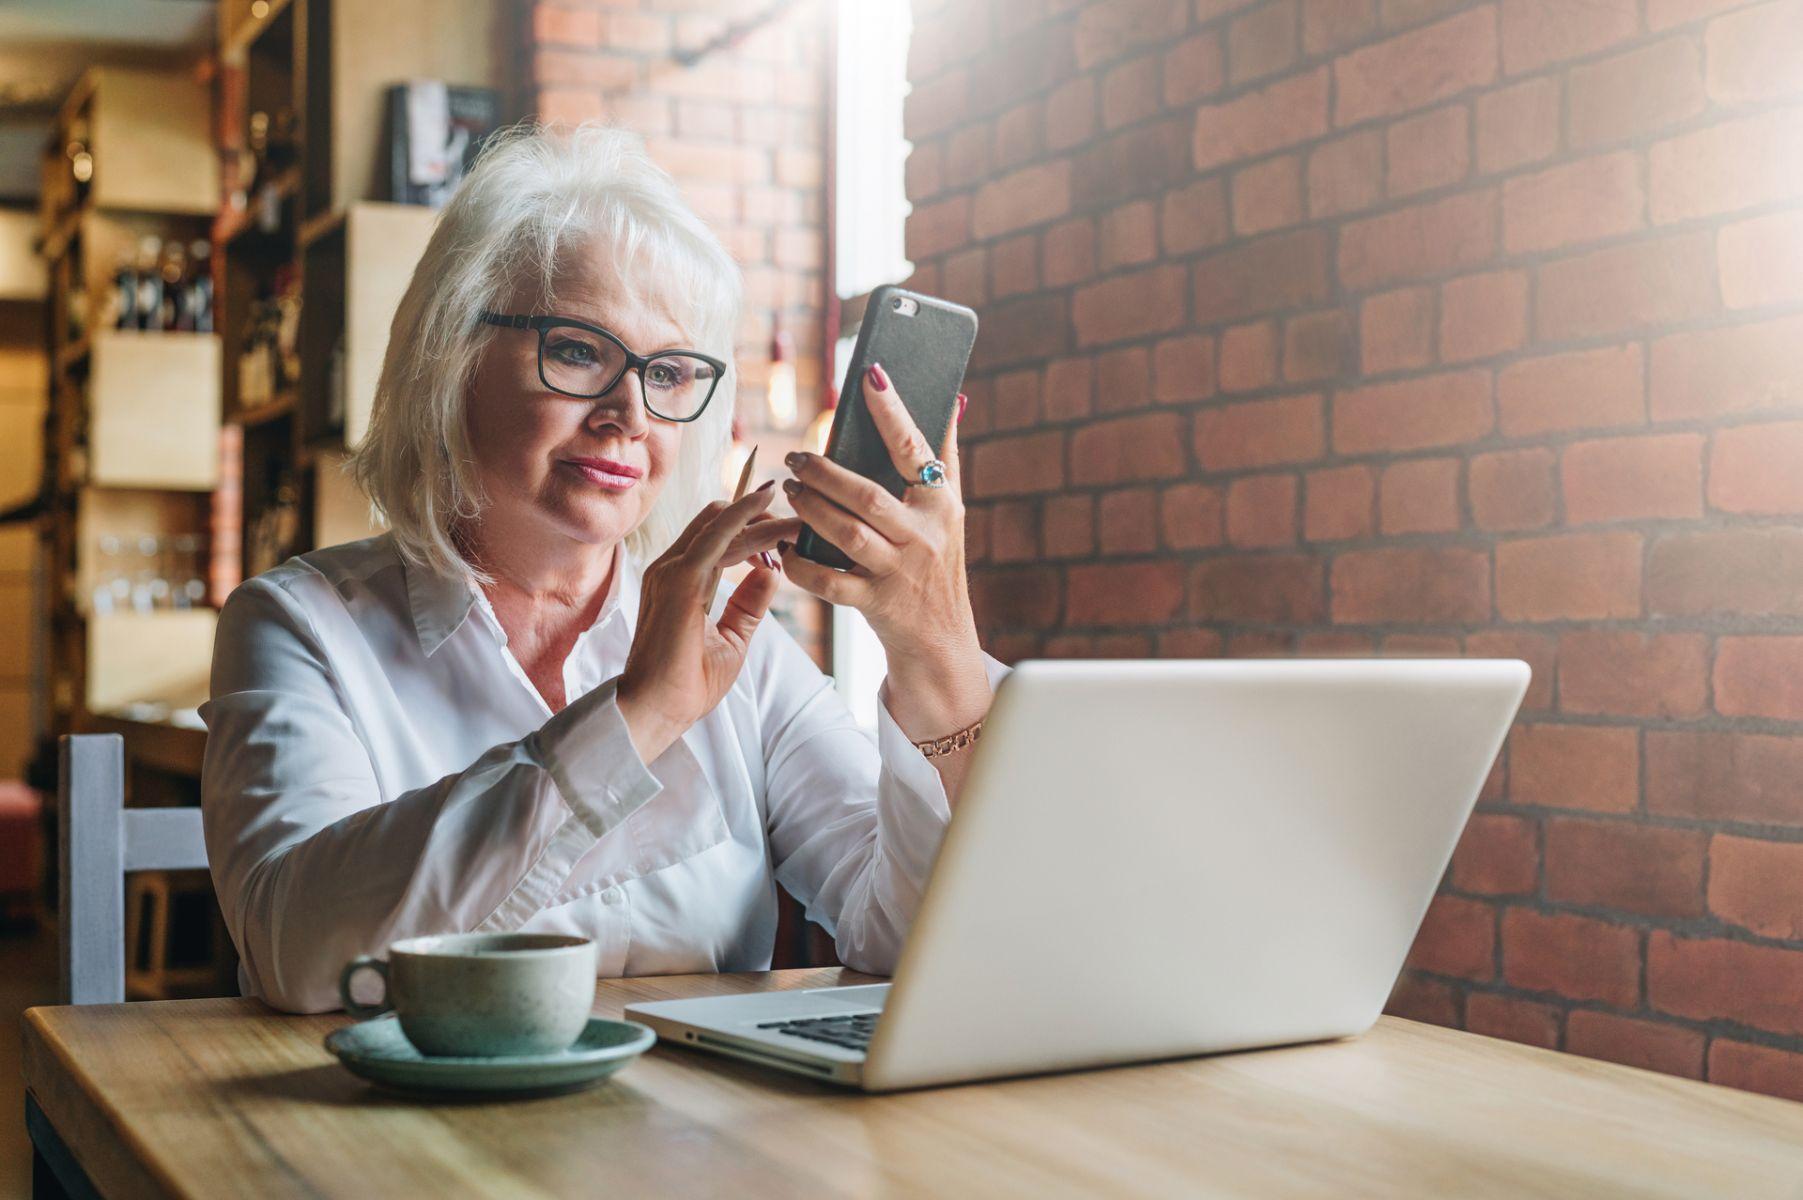 50歲就被公司逼退…從失望離去到重回職場 她再學到寶貴一課